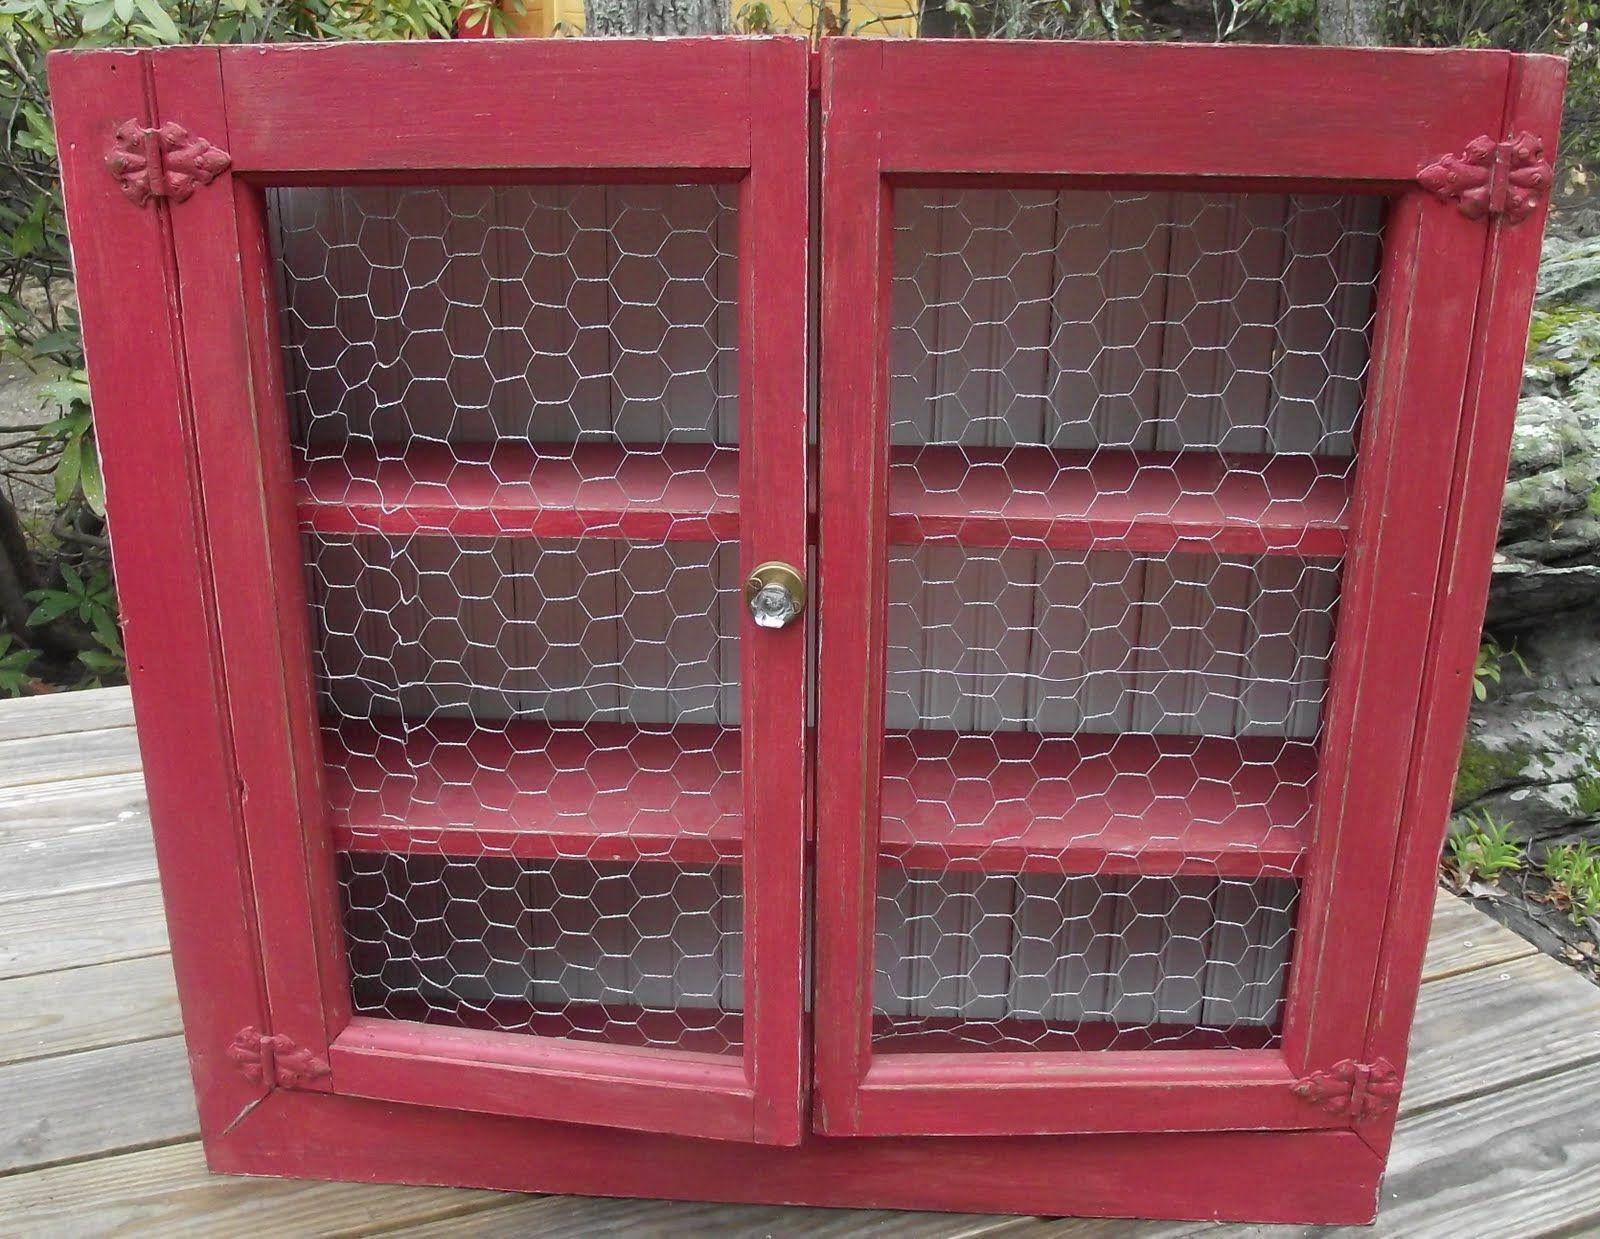 Brass Chicken Wire Cabinet Doors | Serendipity Chic Design: Vintage ...